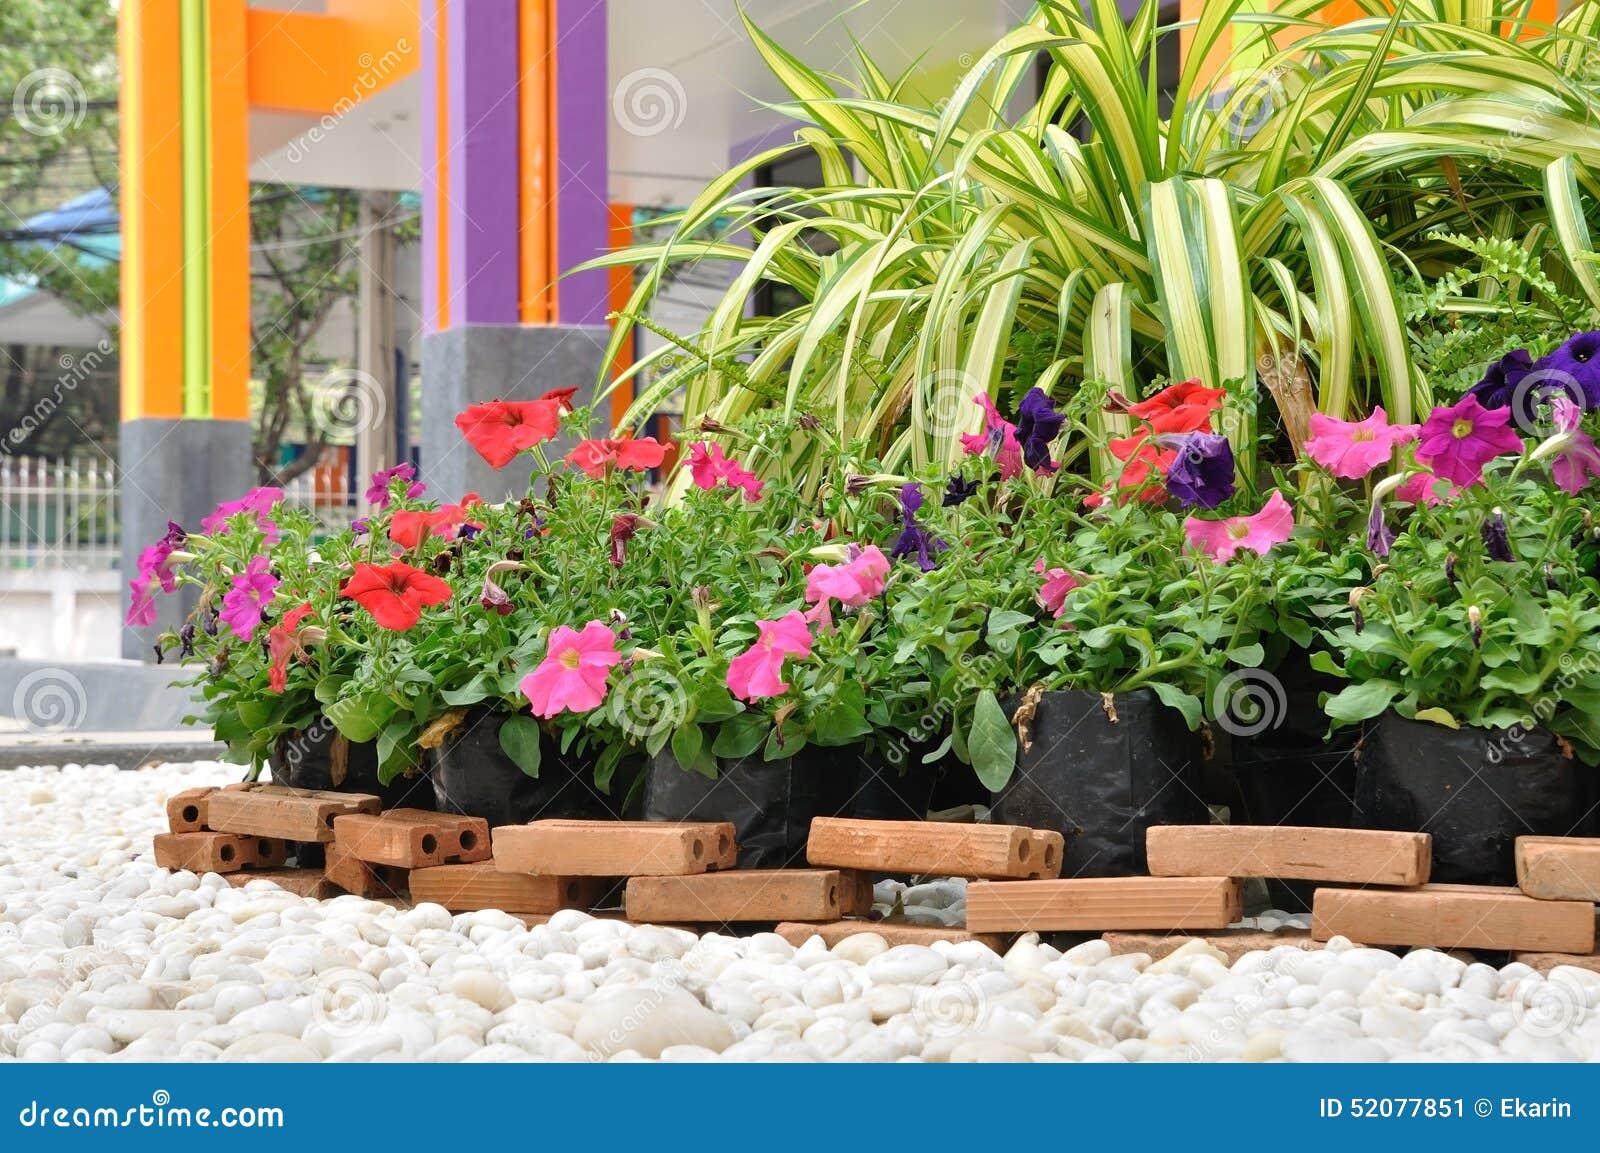 d coration de jardin avec la roche et les fleurs blanches image stock image du saison. Black Bedroom Furniture Sets. Home Design Ideas